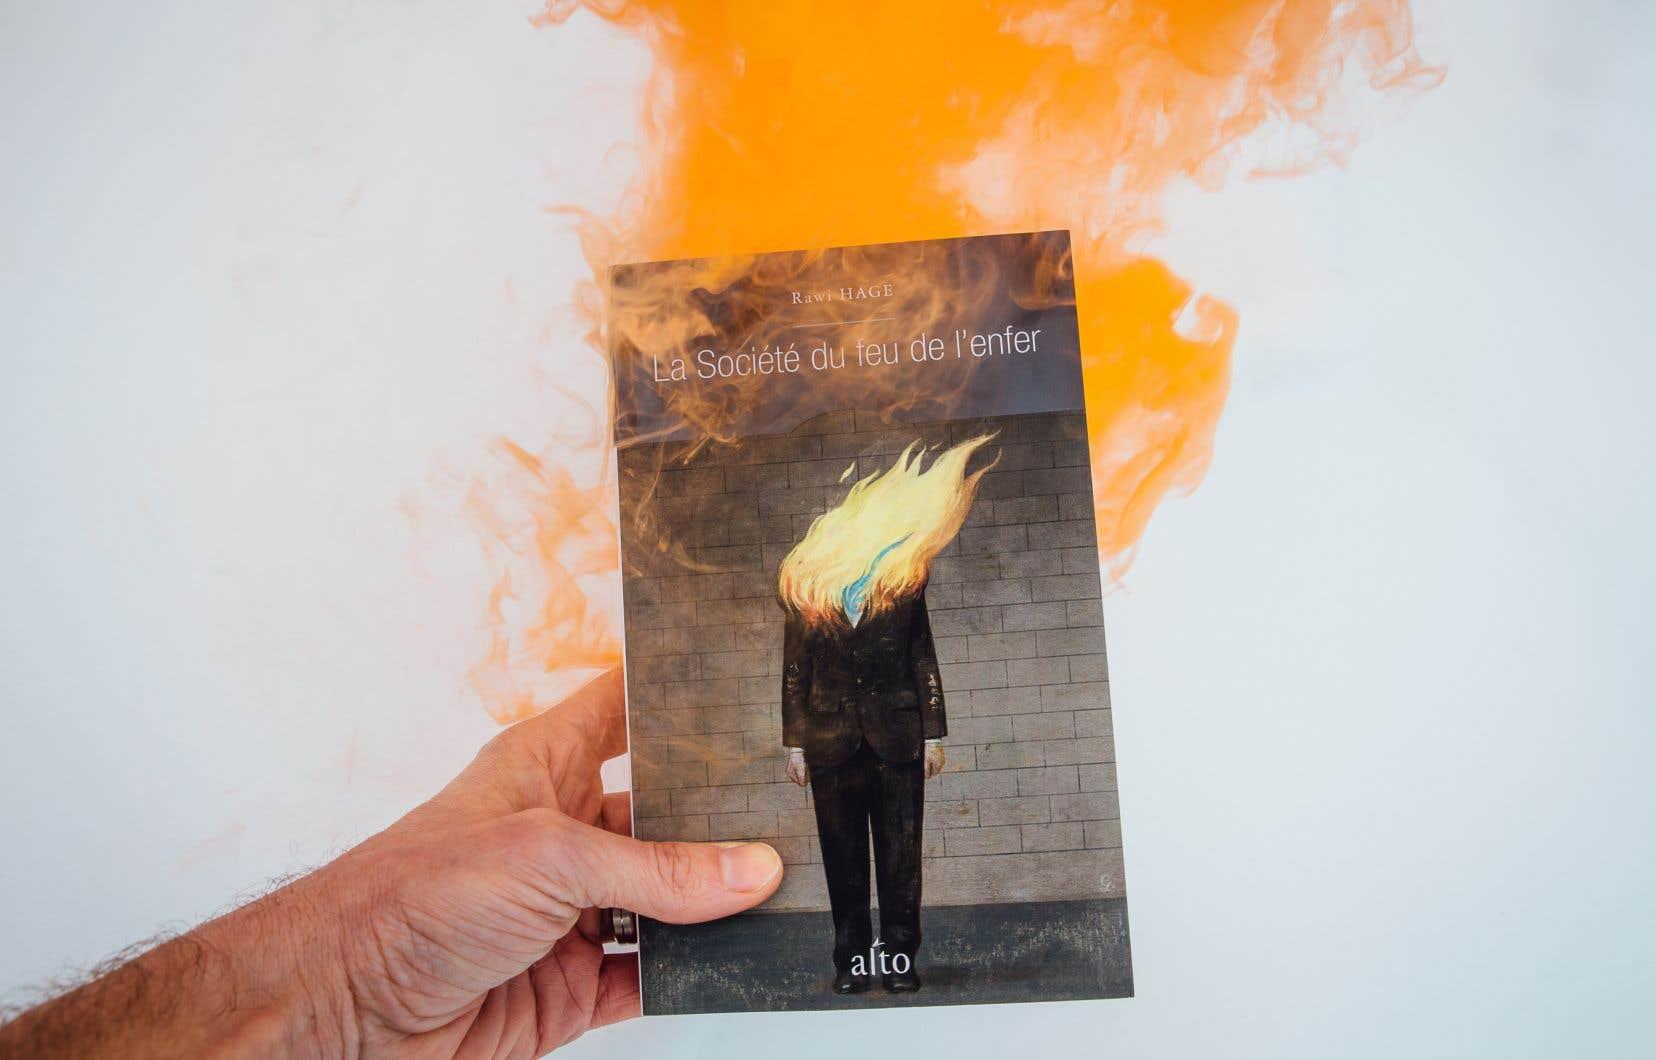 «La société du feu de l'enfer», la subversive nouvelle offrande de l'auteur montréalais d'origine libanaise Rawi Hage, nous entraîne sur les traces de Pavlov.